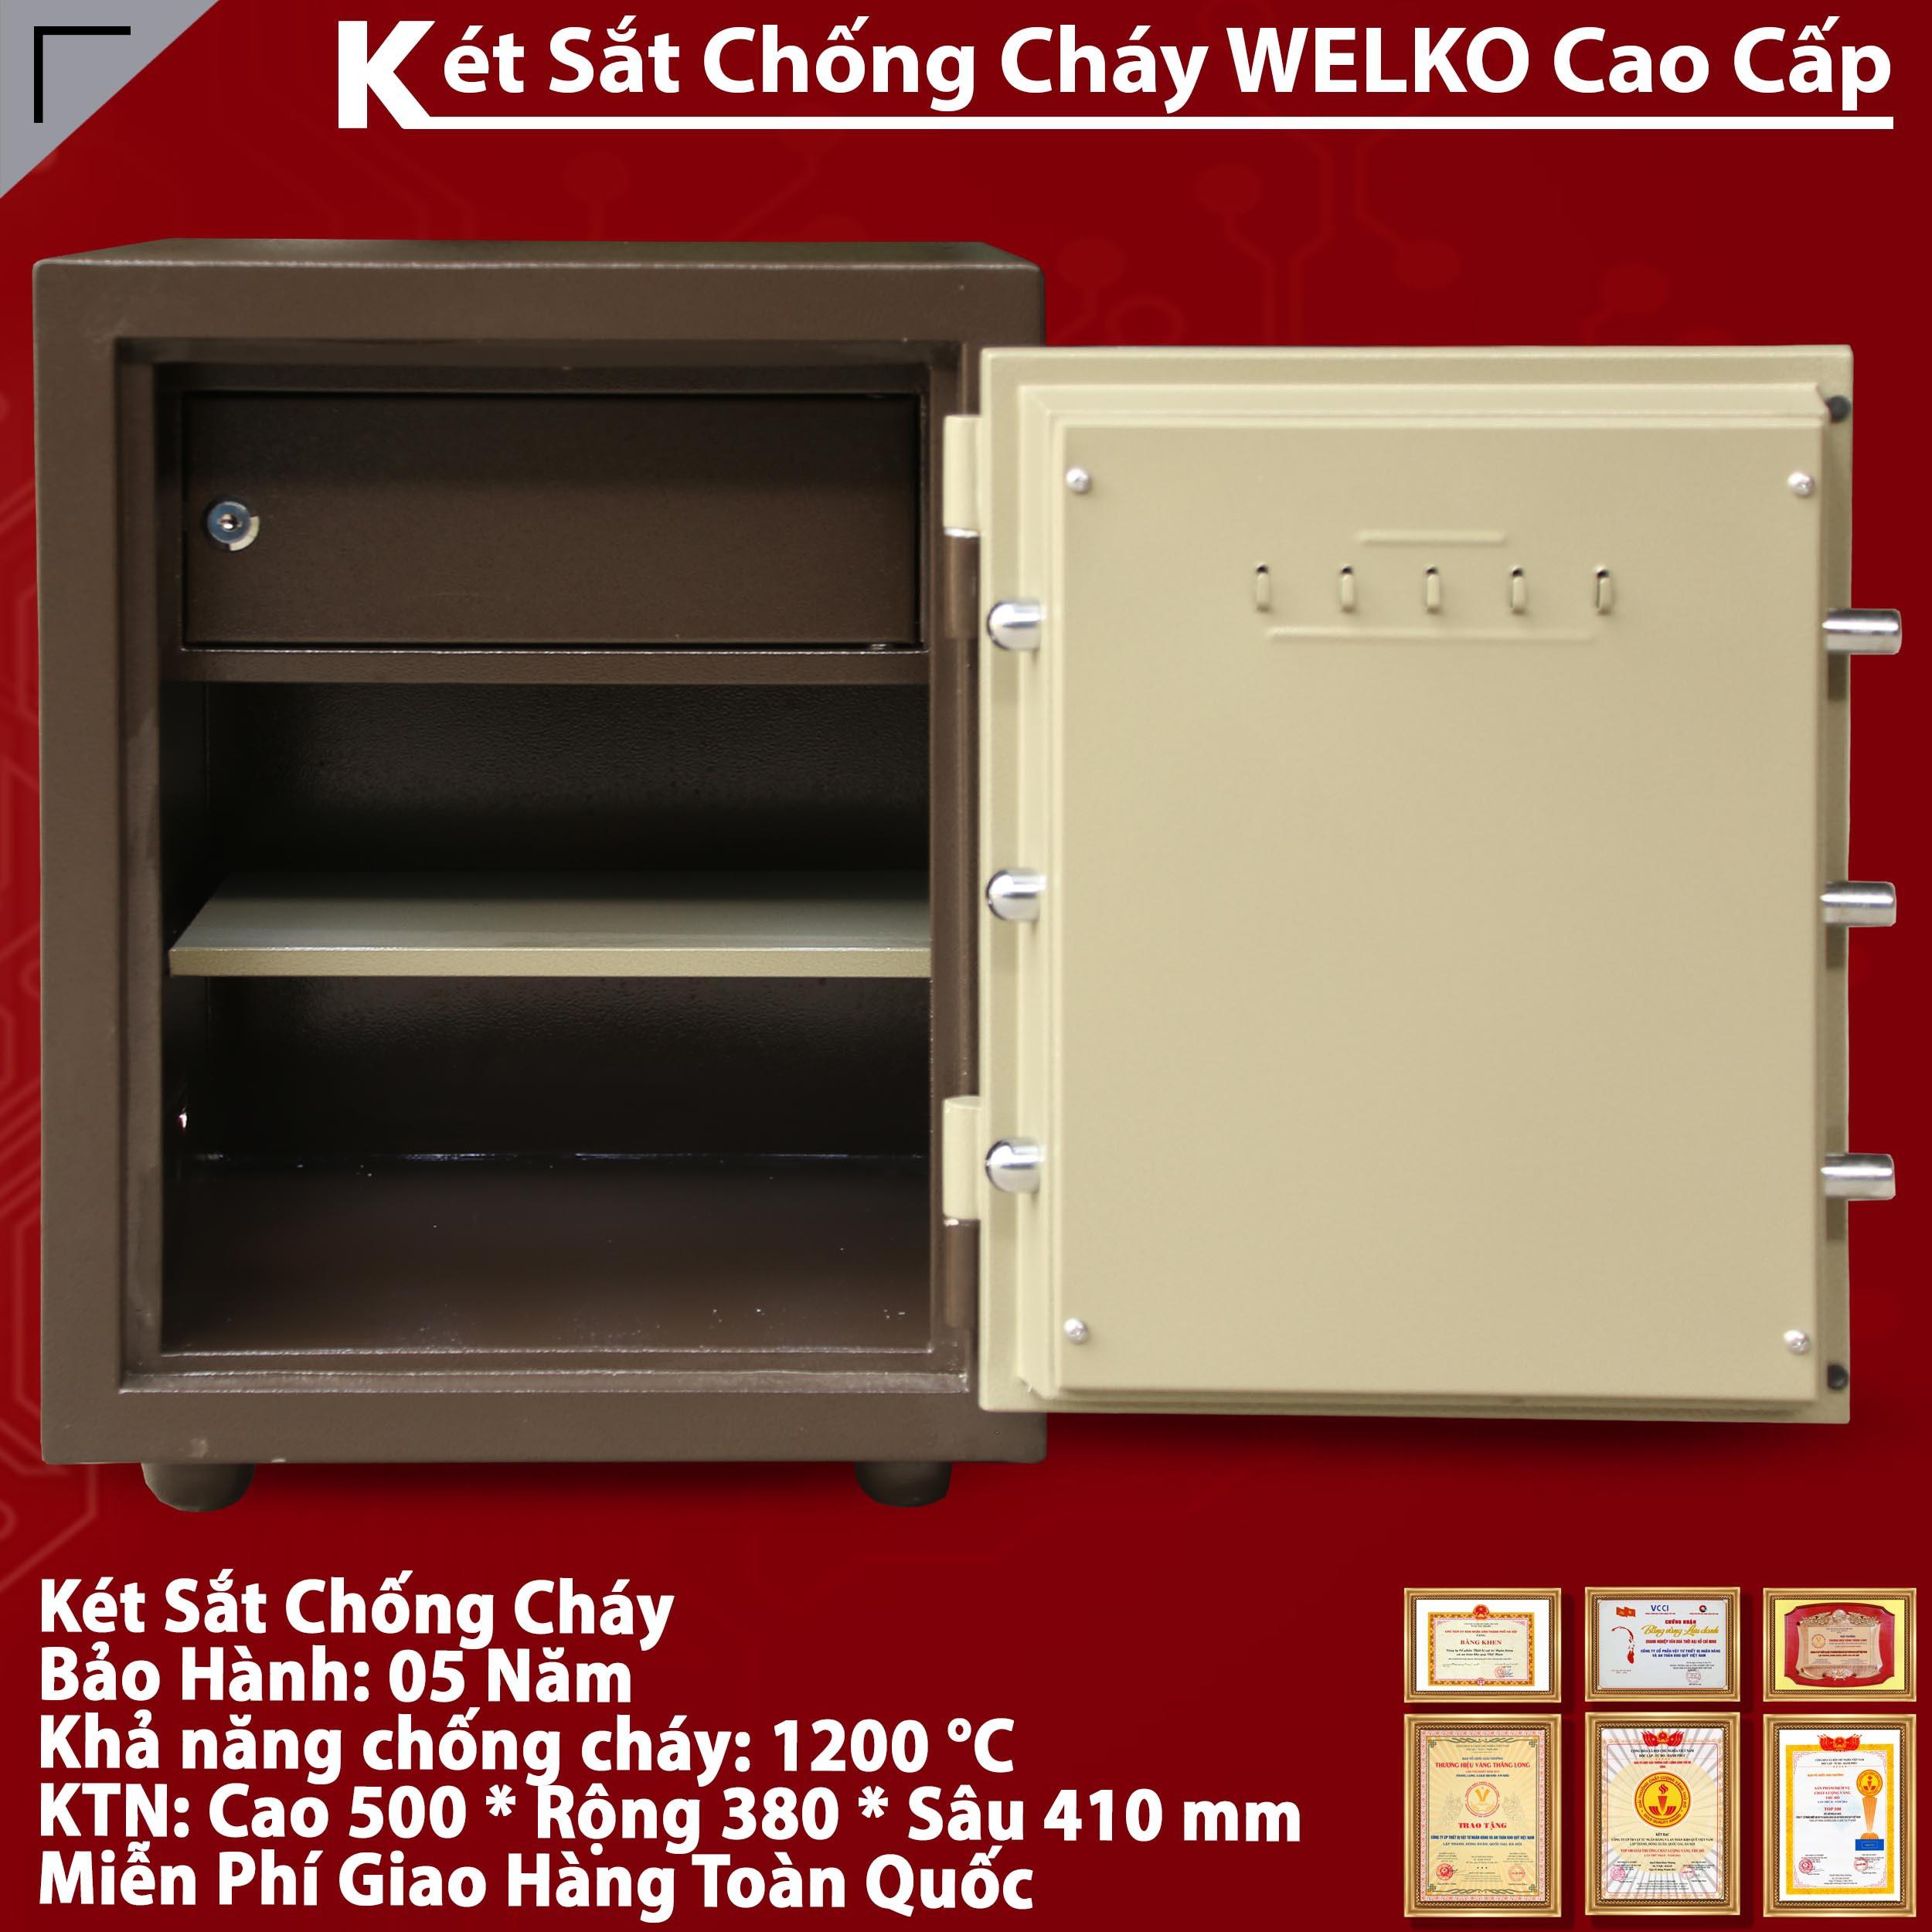 Ket Sat Binh Duong Chat Luong